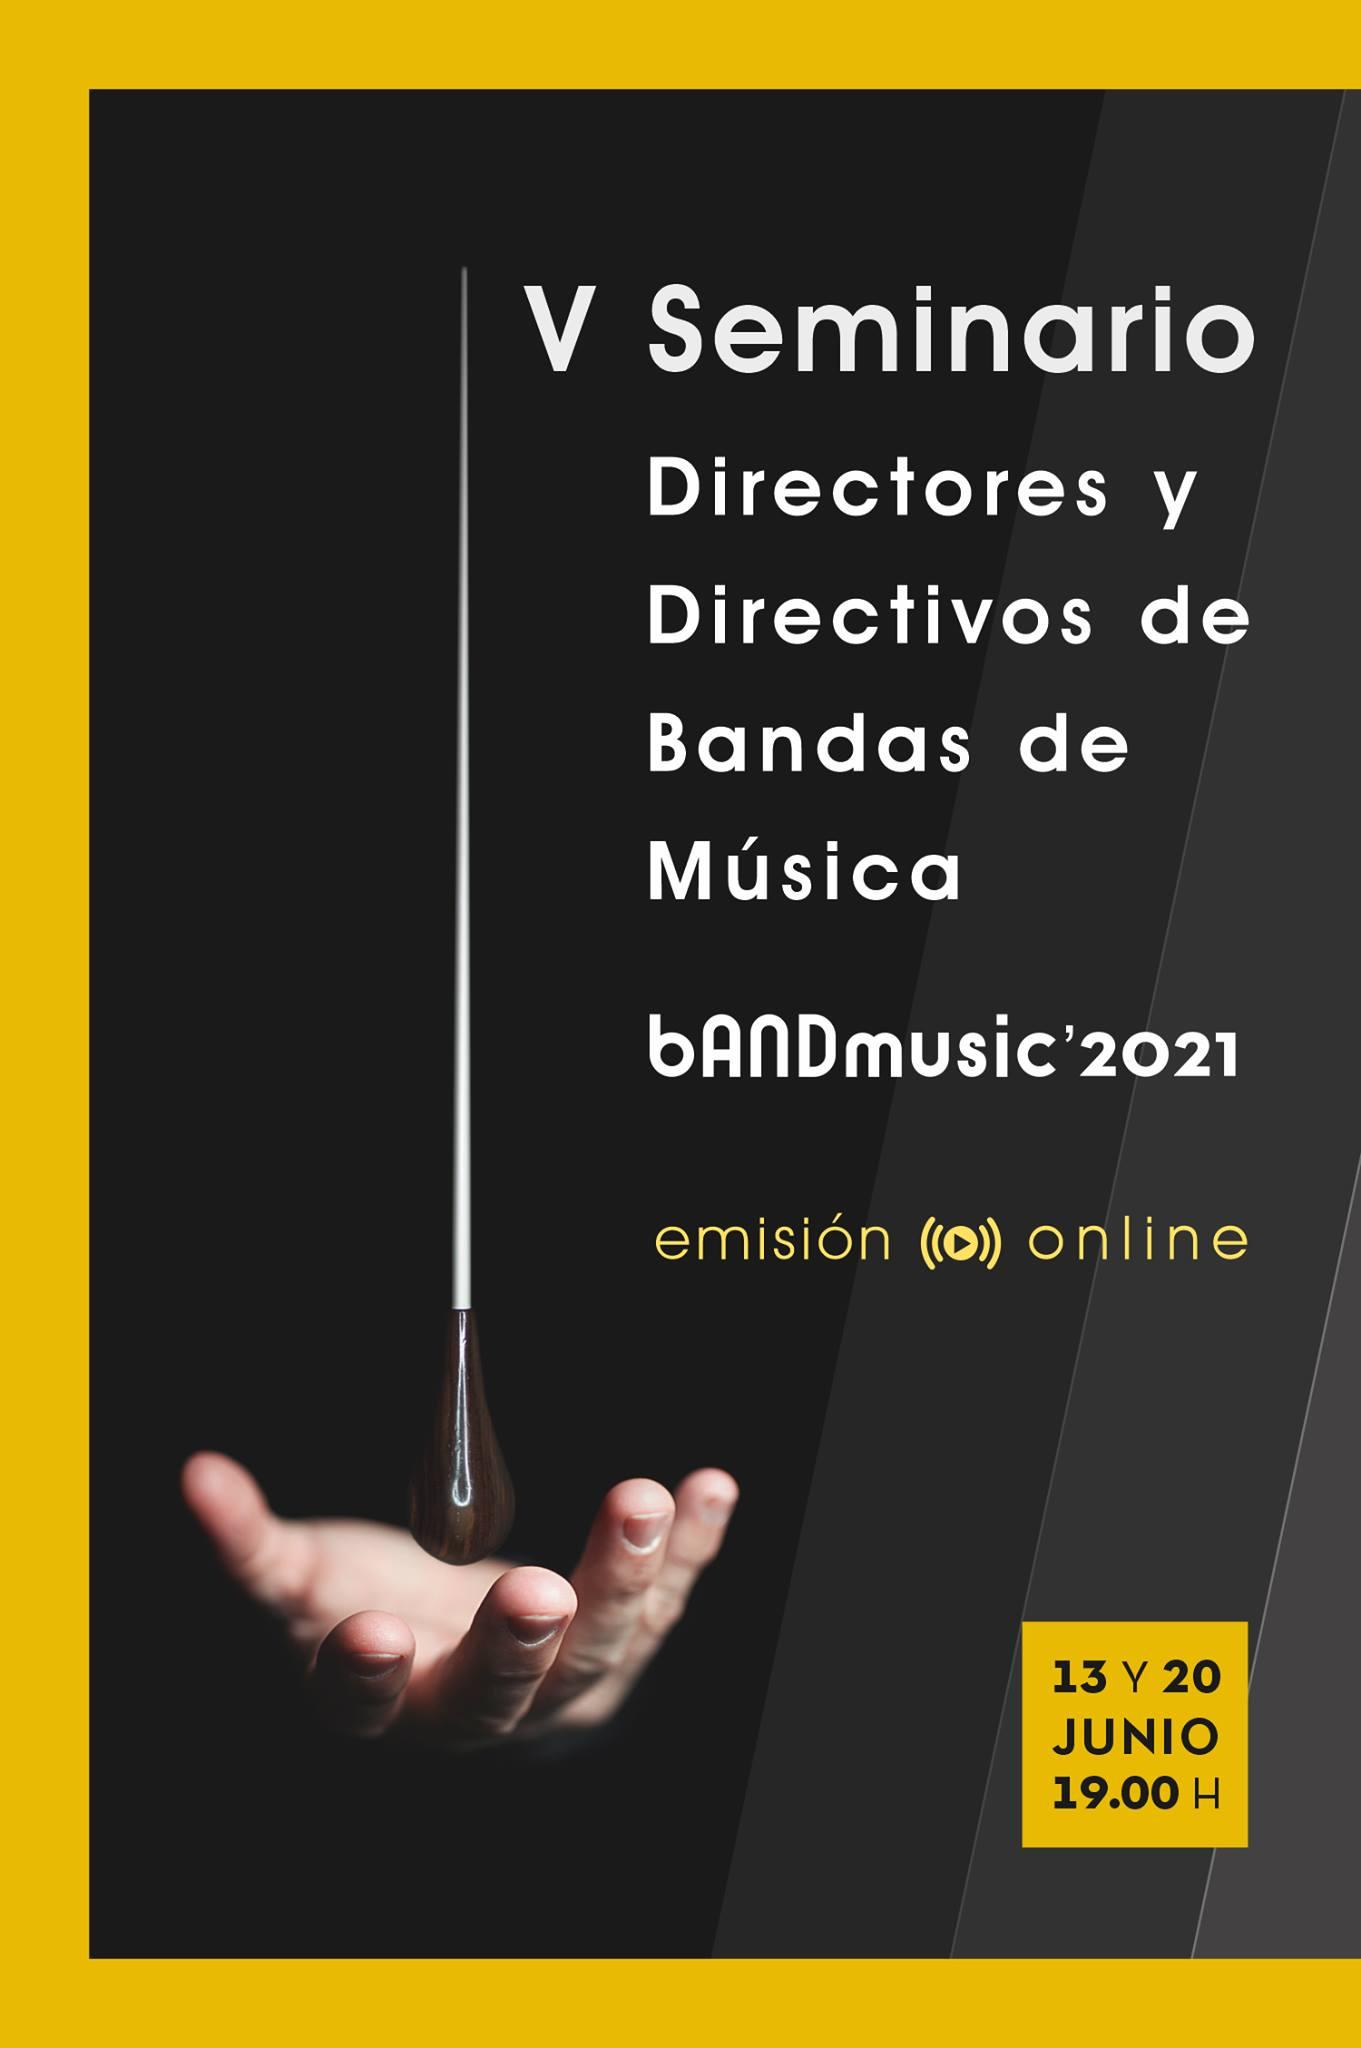 V Seminario de Directores y Directivos de Bandas de Música